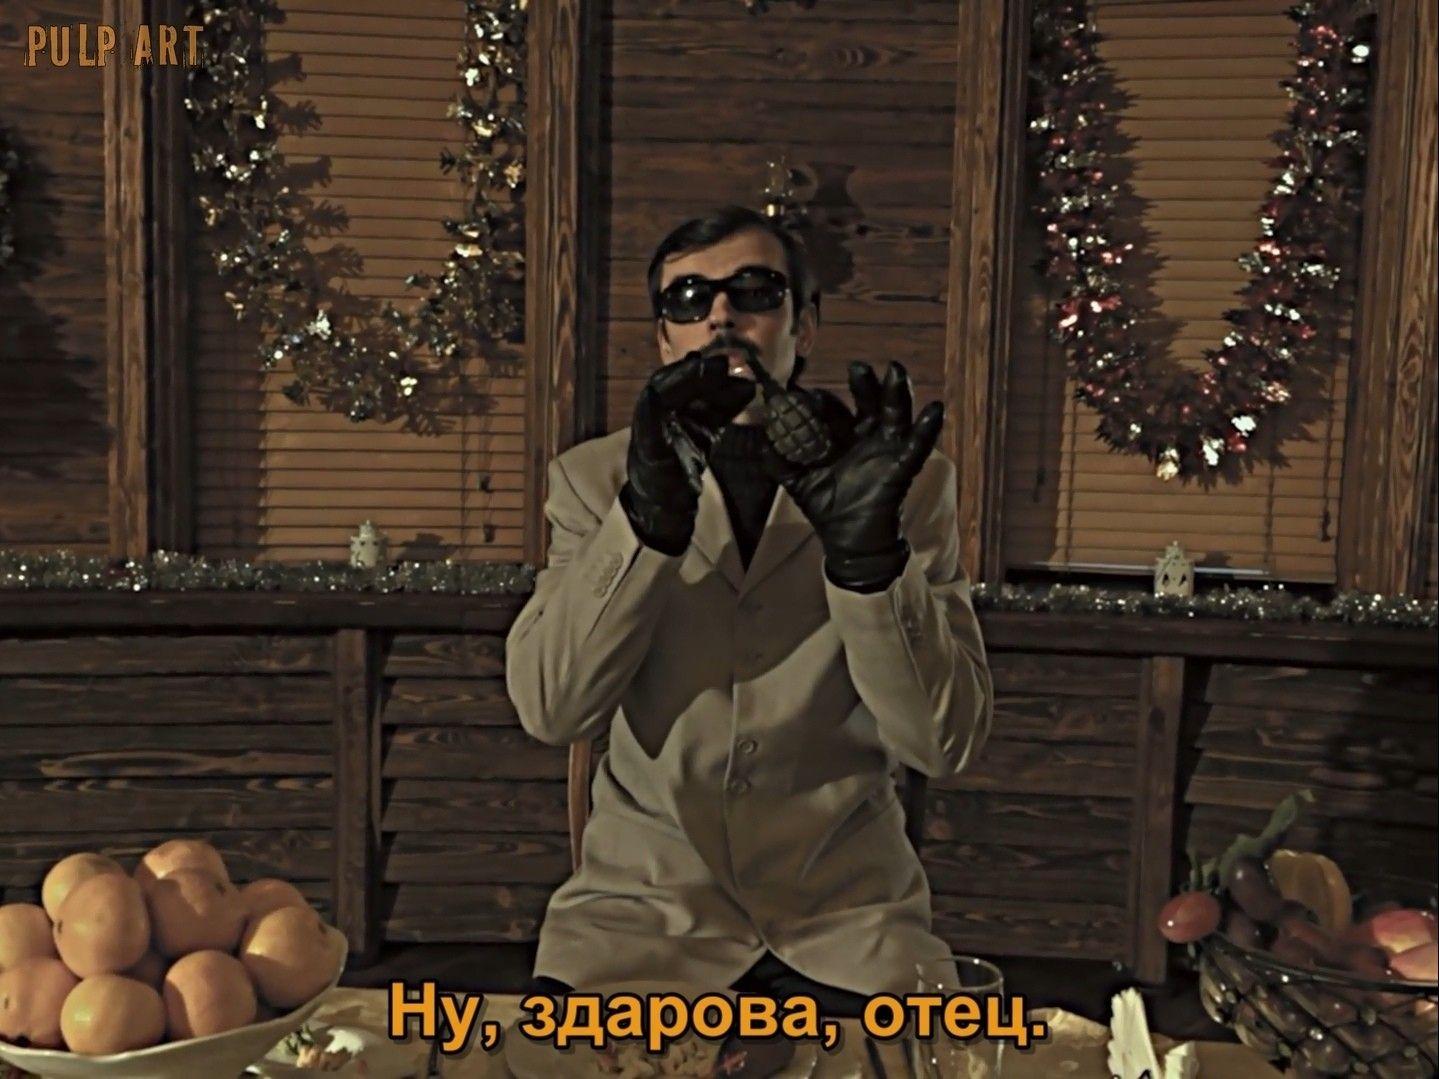 ОПГ Железные рукава в 2020 г   Мемы, Смешные мемы, Смешные ...